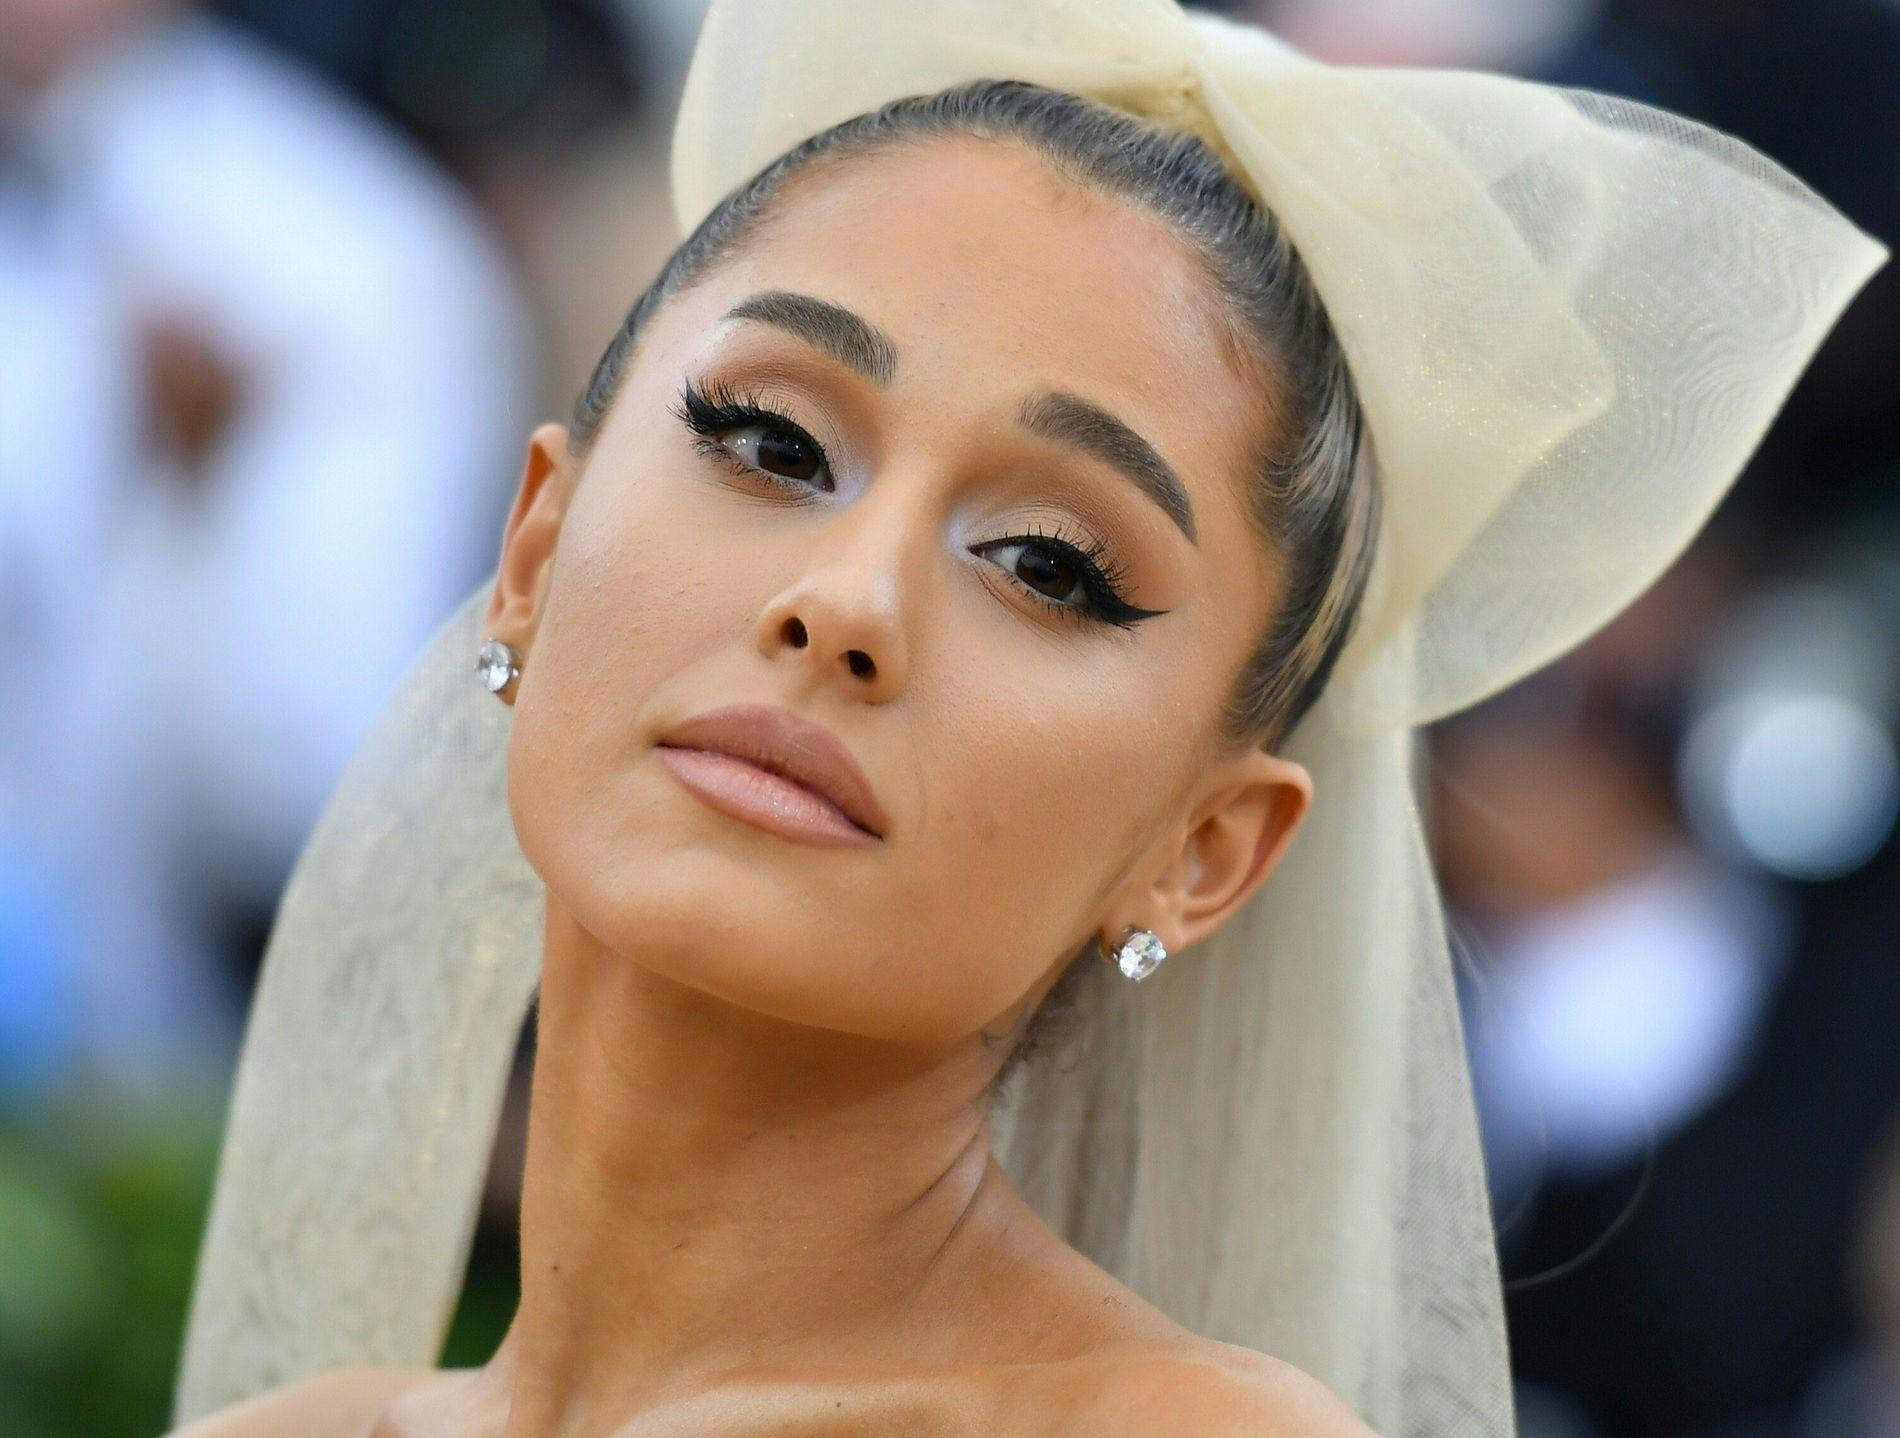 ORIGINALEN: Ariana Grandem her på fjorårets MET-galla i New York.